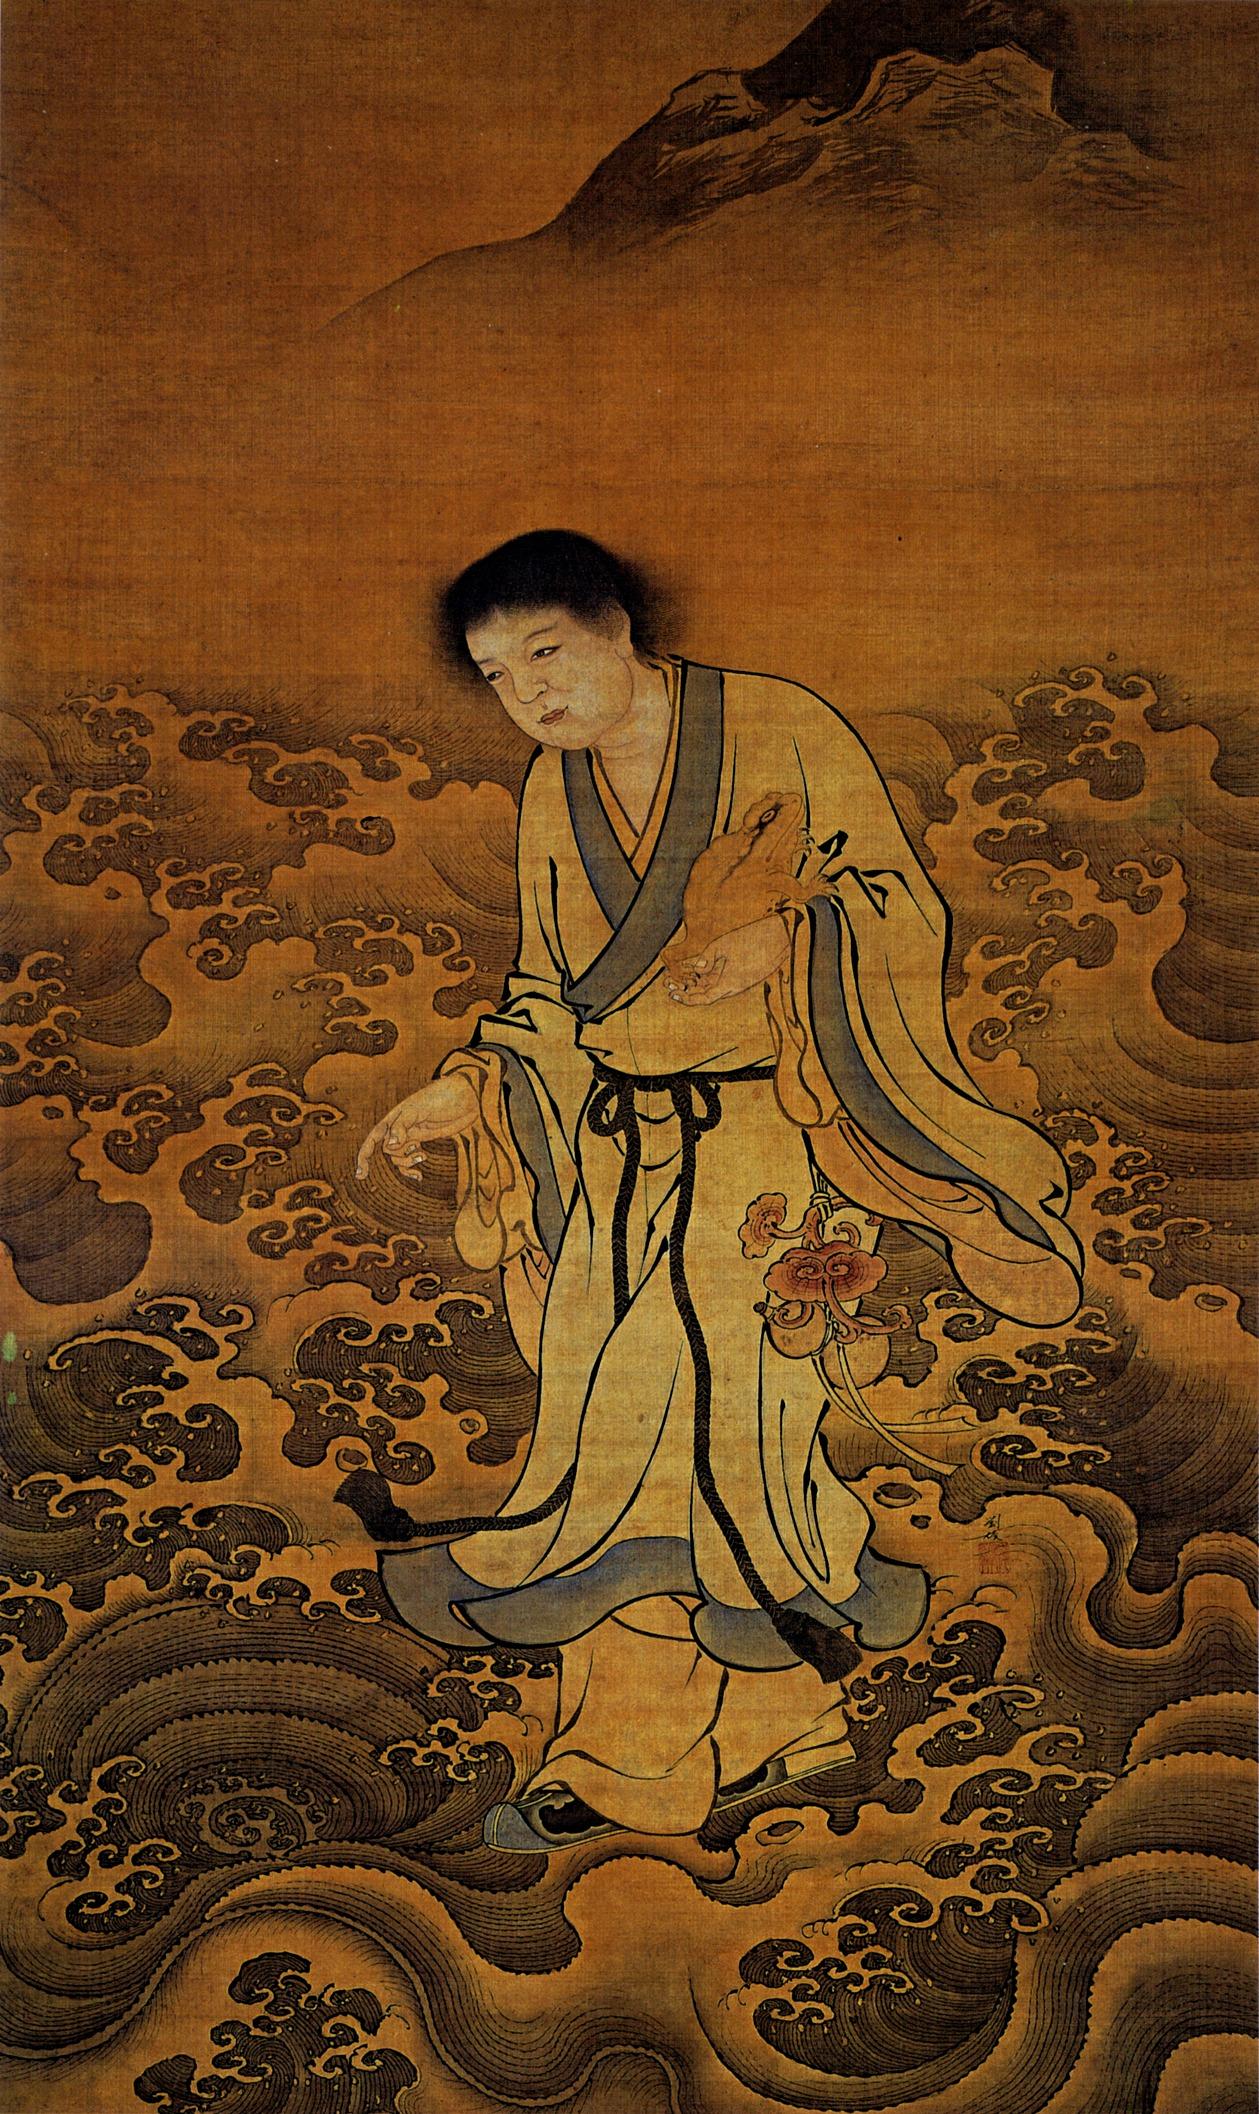 Liu Haichan